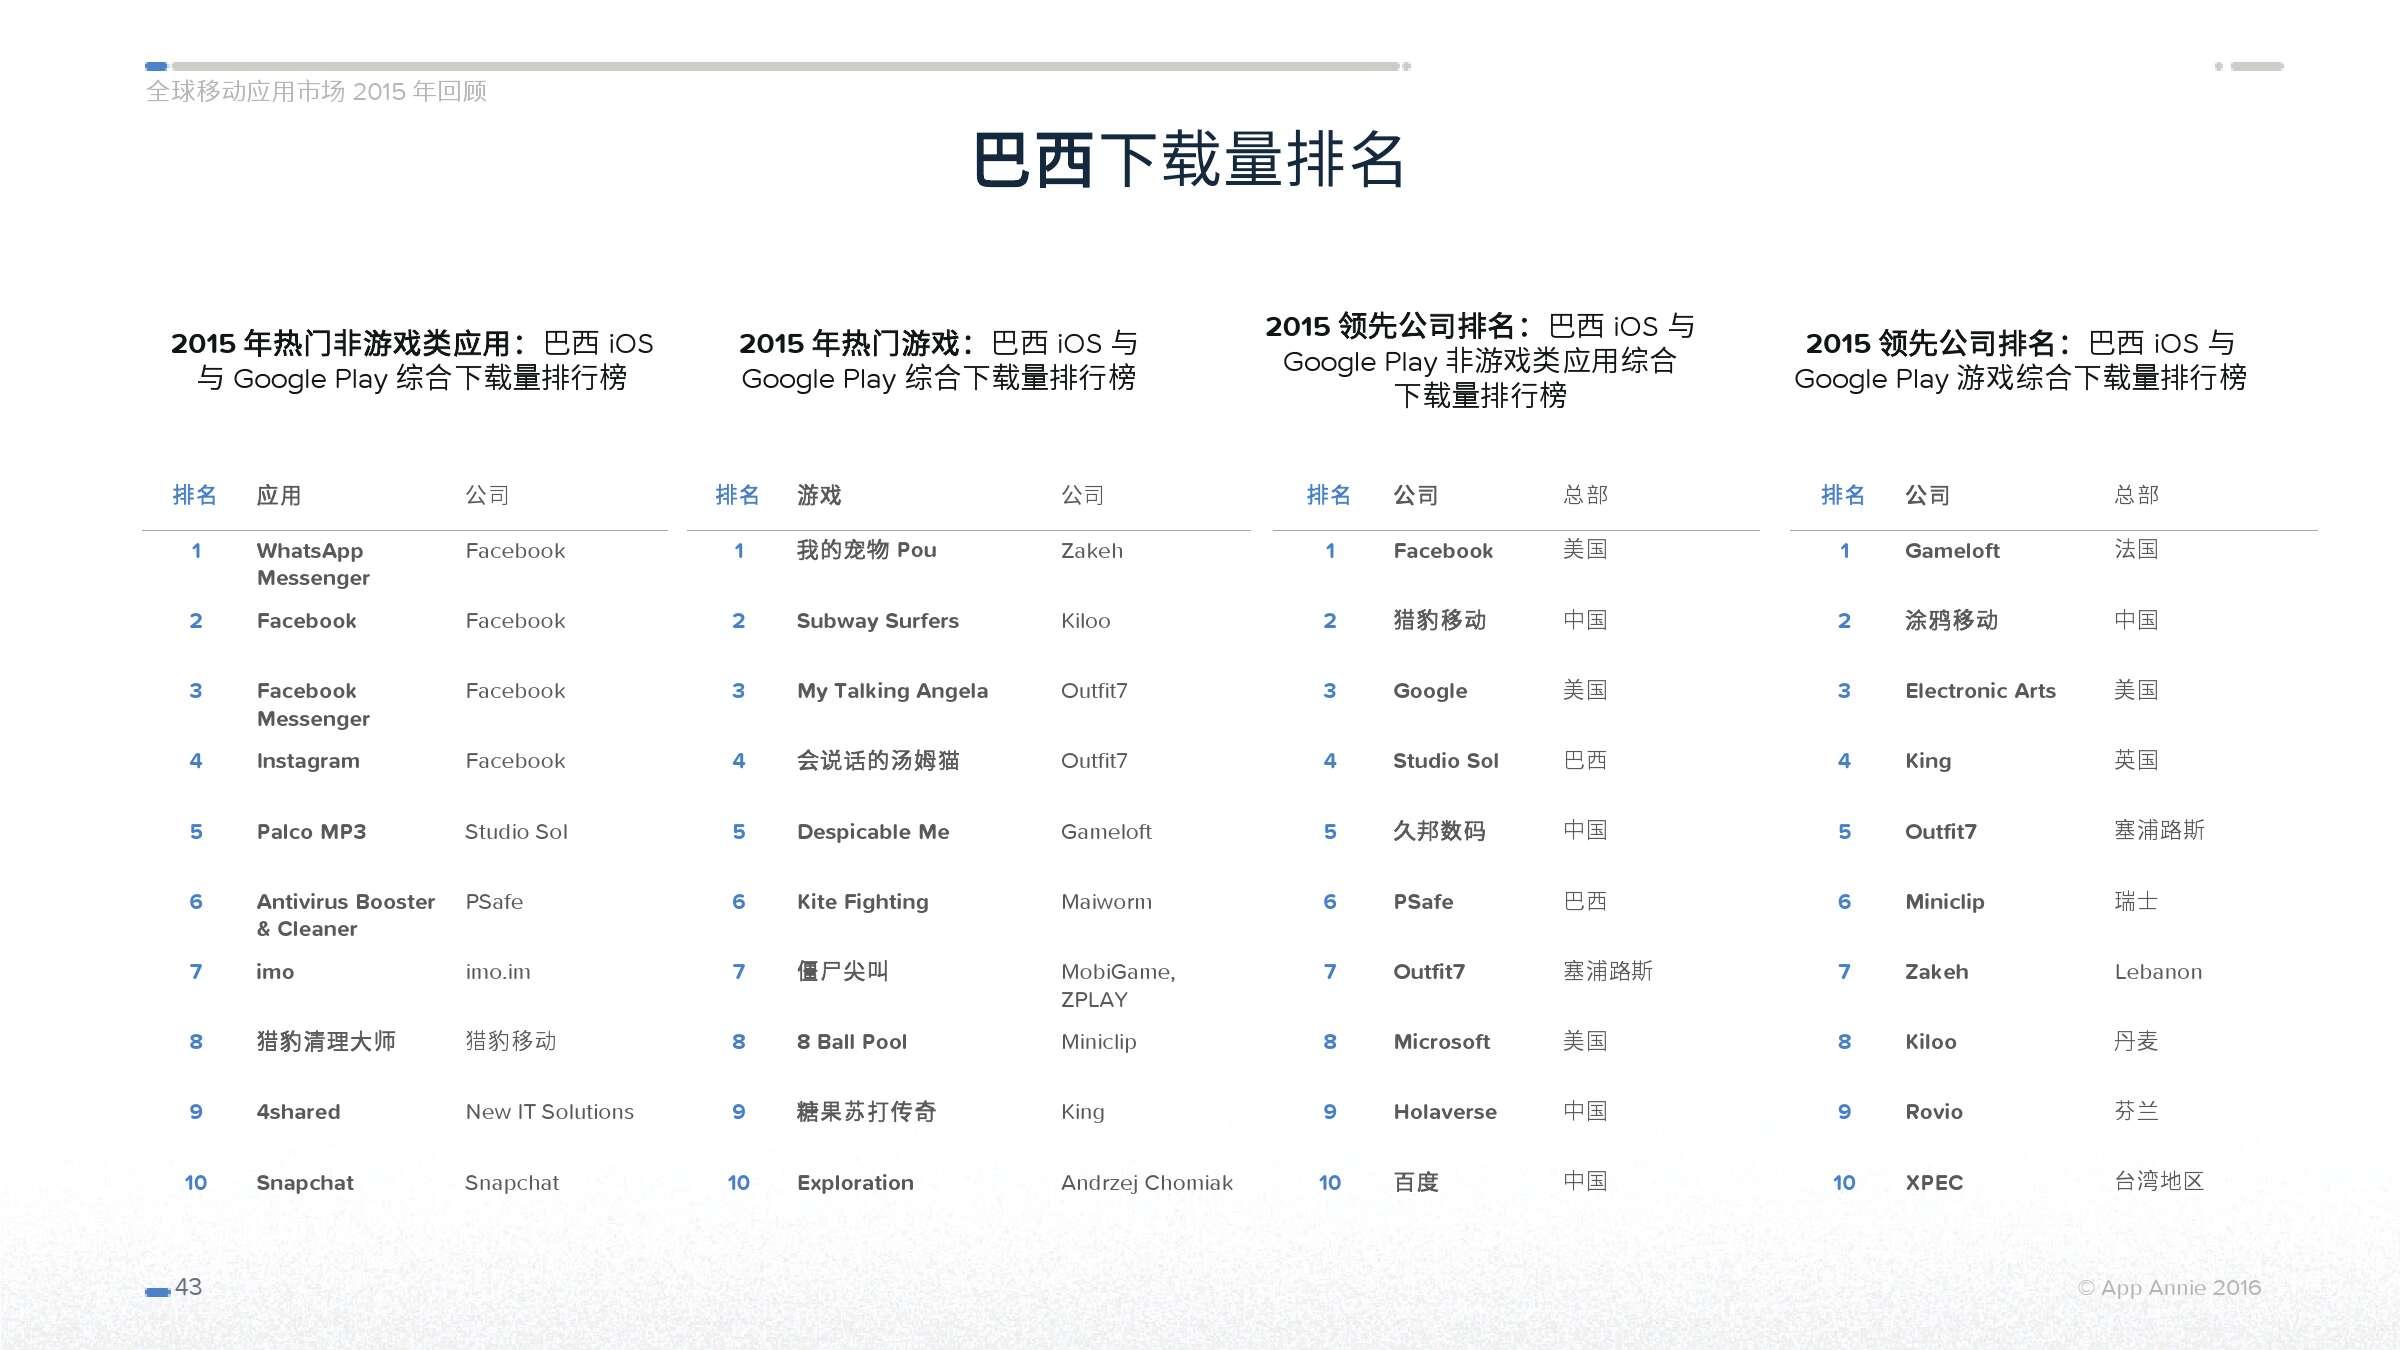 App Annie 全球移动应用市场 2015 年回顾_000043